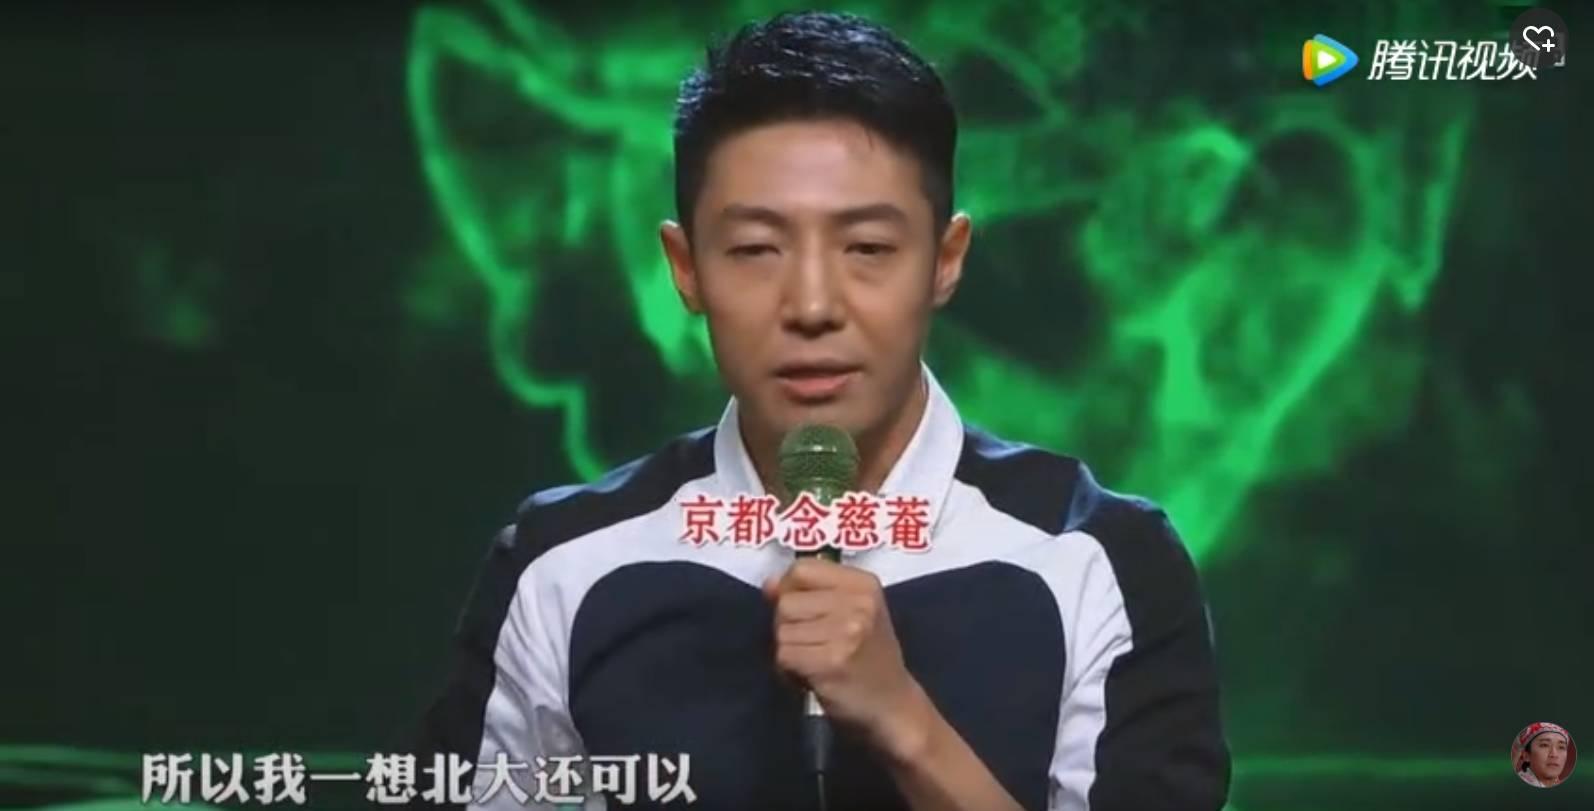 北京黑社会老大排名_百饰购